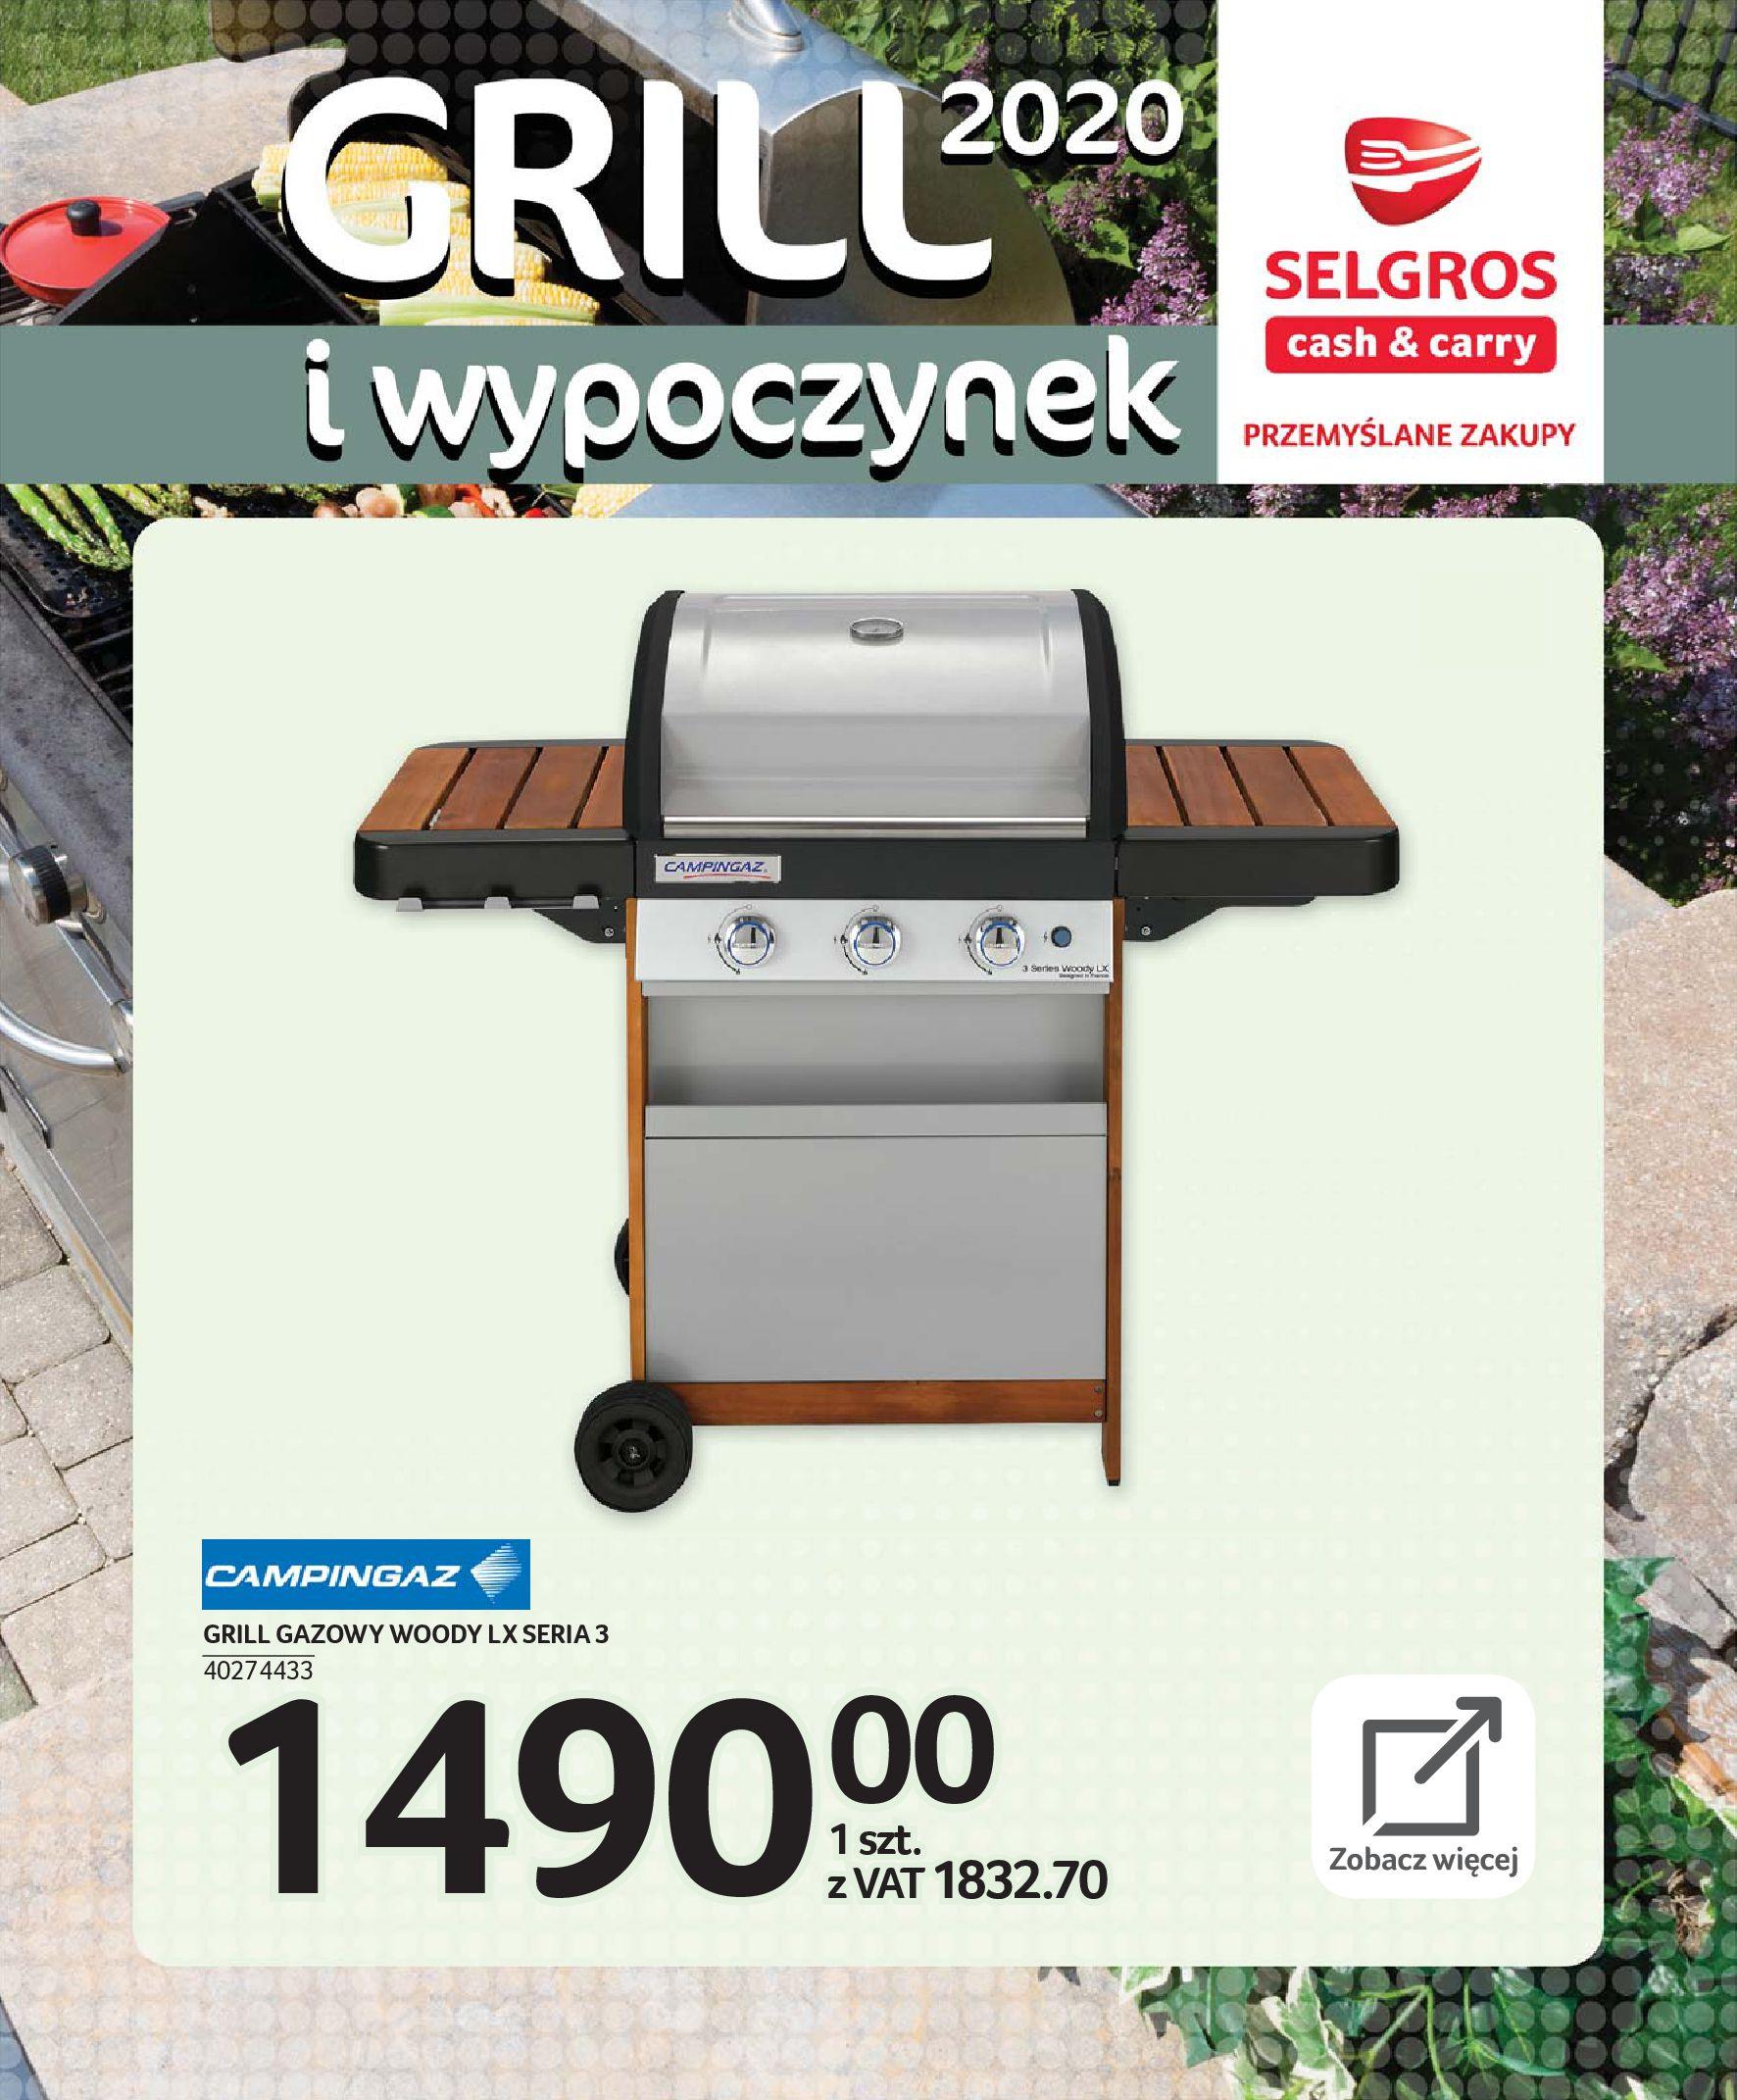 Gazetka Selgros - Katalog - Grill i wypoczynek-31.03.2020-31.08.2020-page-57